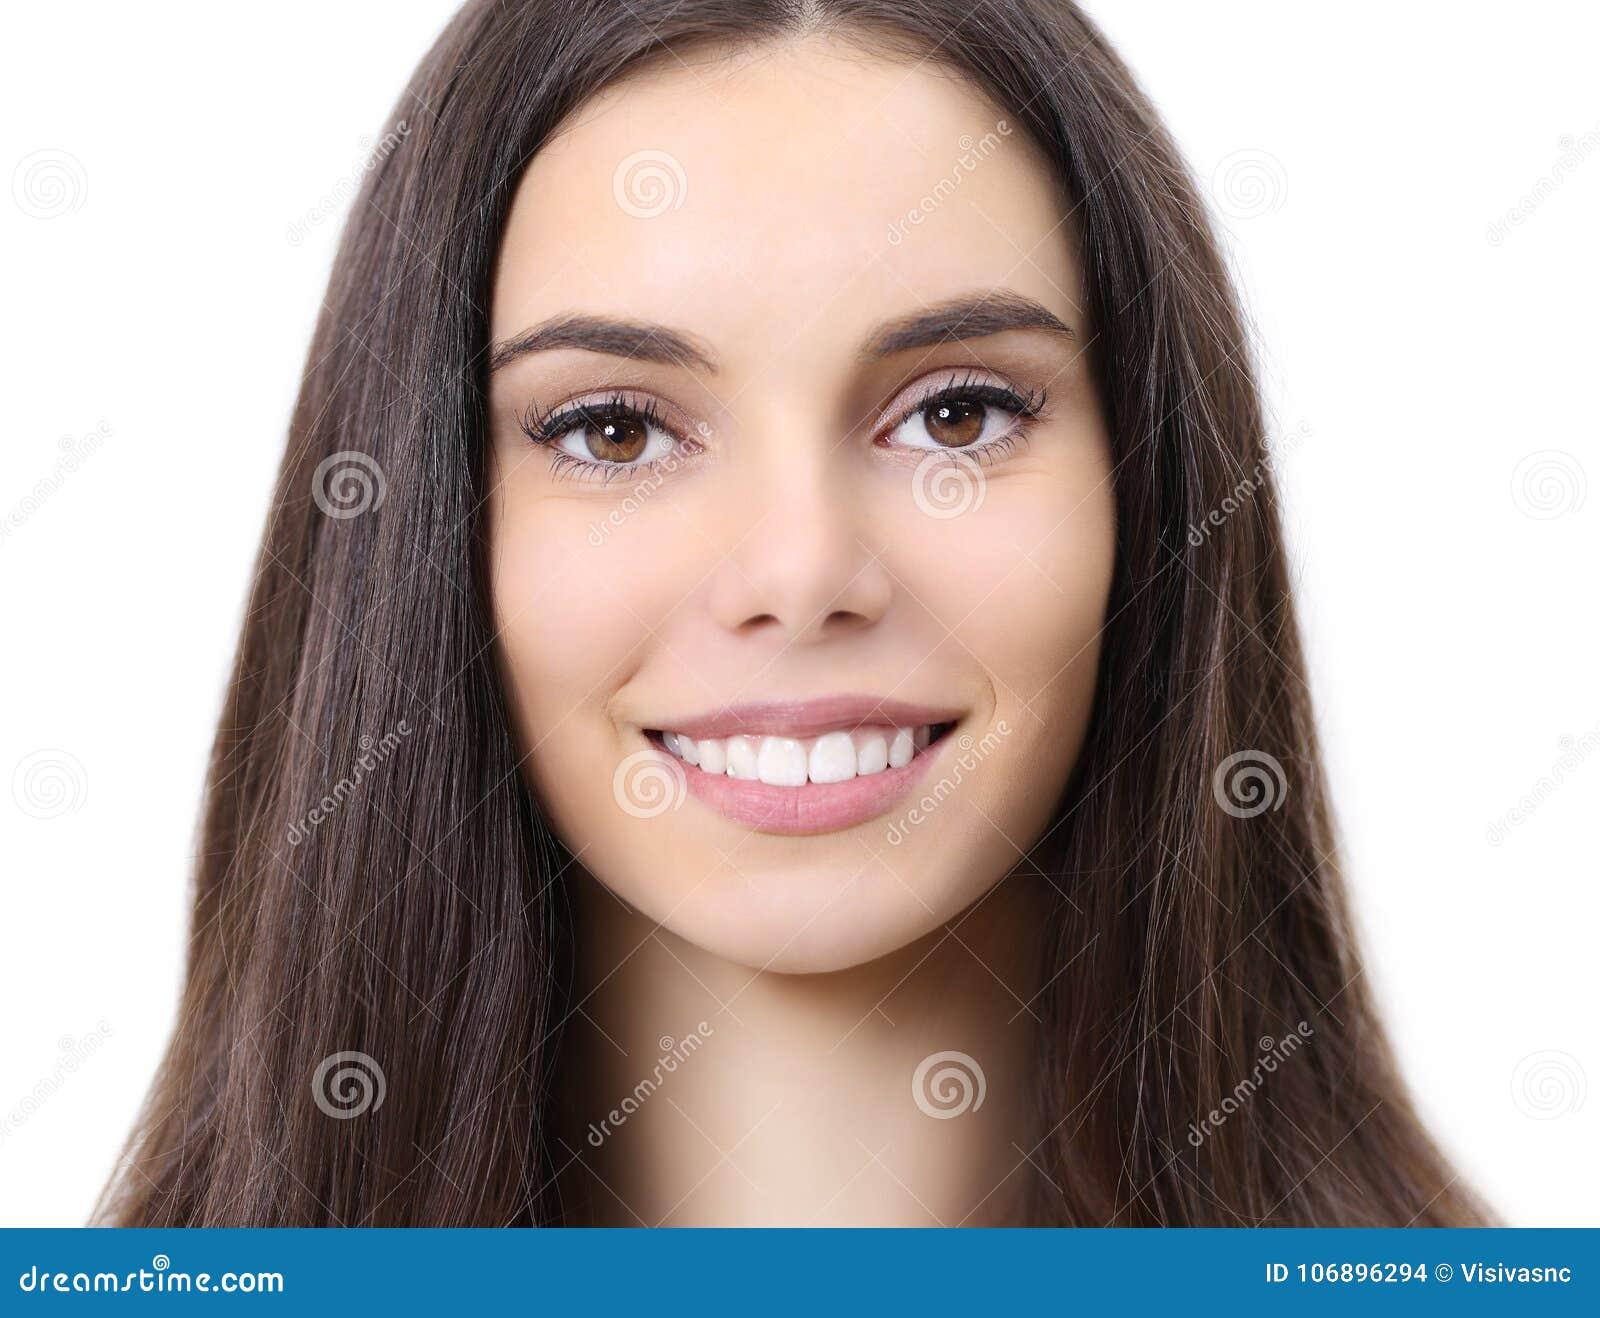 Uśmiech młodej kobiety piękny portret patrzeje kamerę